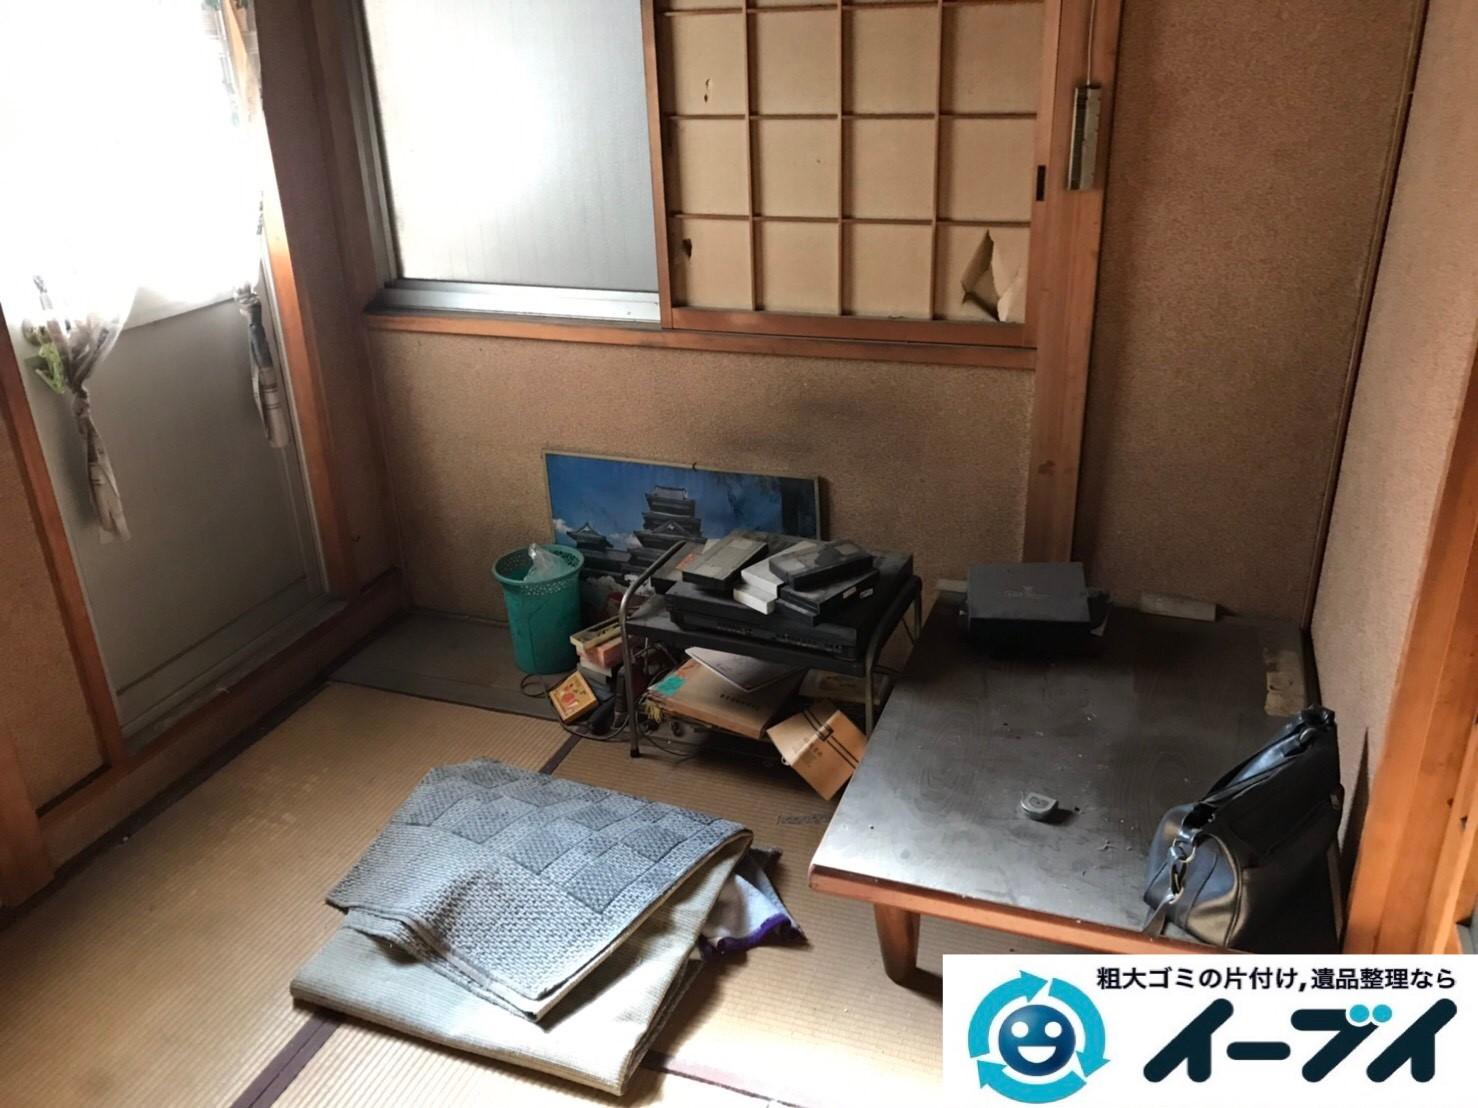 大阪府八尾市で退去に伴いお家の家財道具を全処分。2